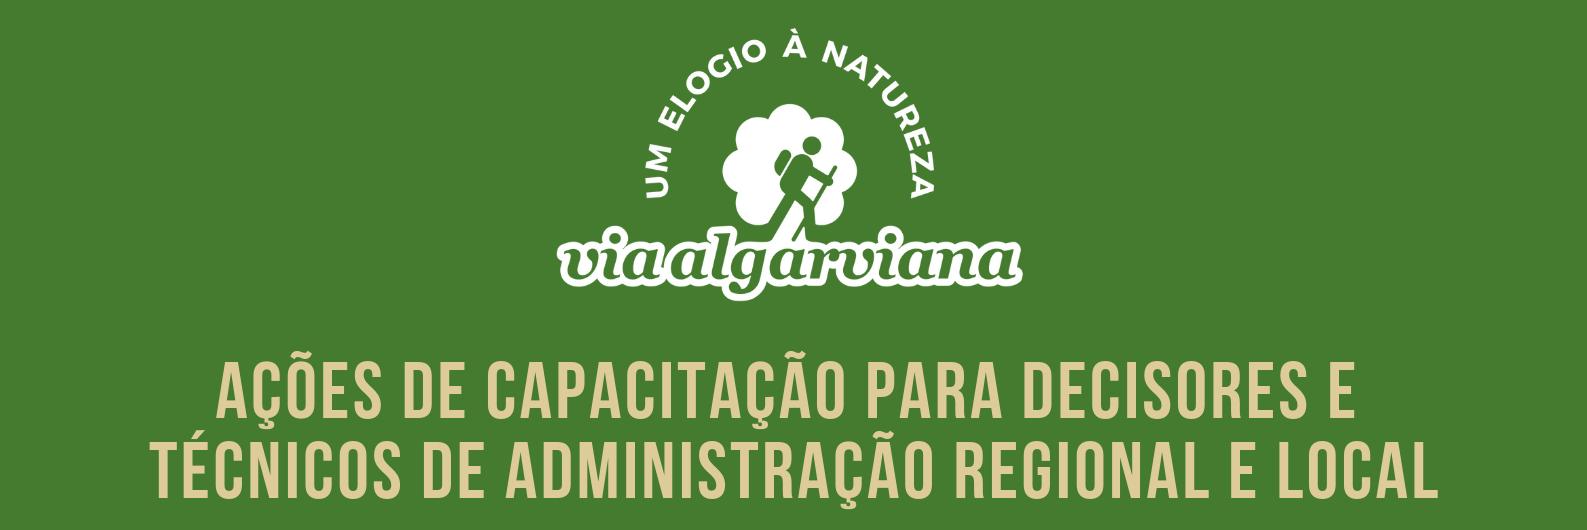 Ações de capacitação para decisores e técnicos de administração regional e local